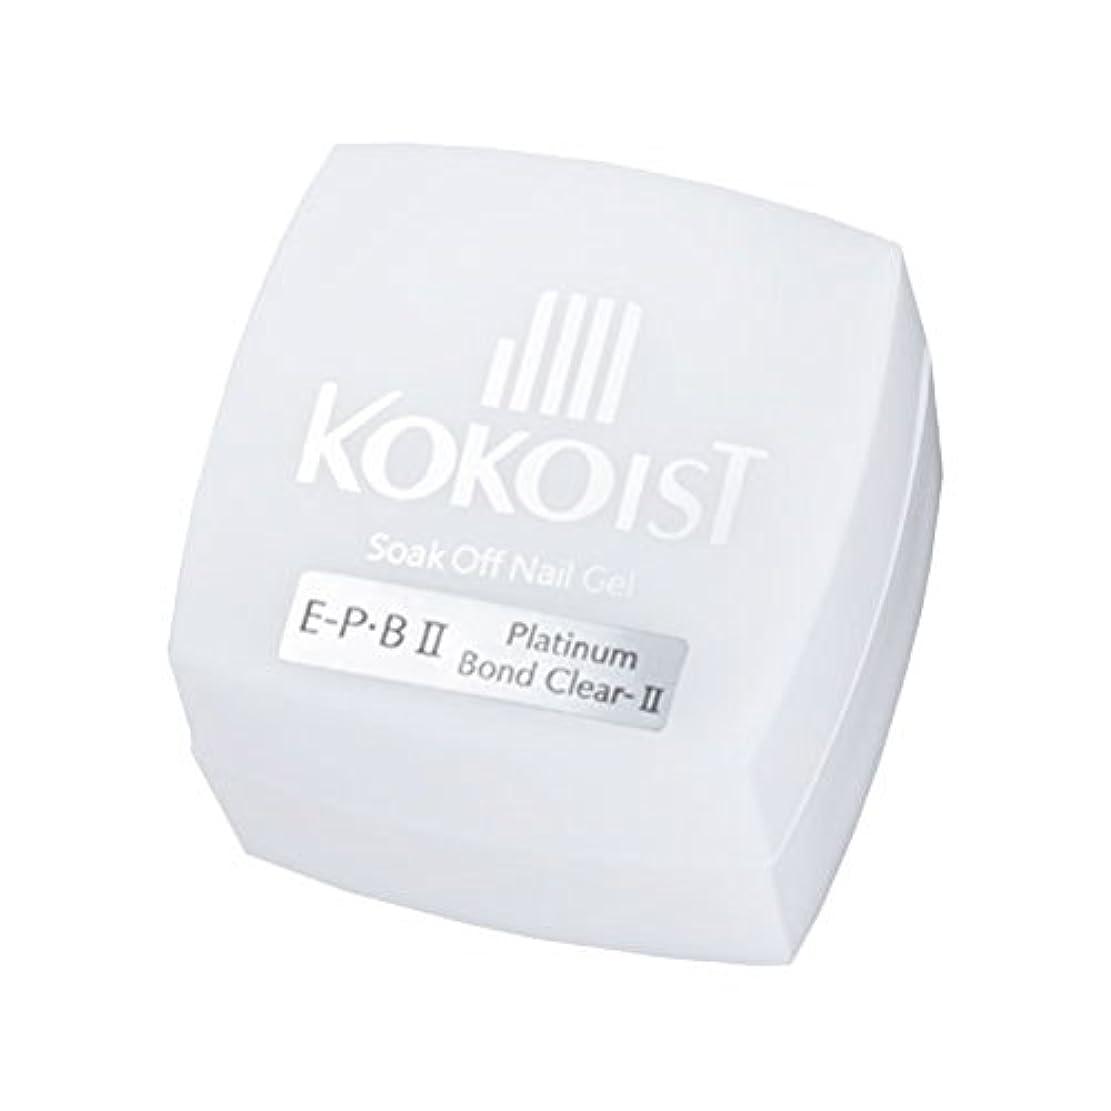 露の前で一過性KOKOIST フ゜ラチナホ゛ント゛II 4g ジェル UV/LED対応